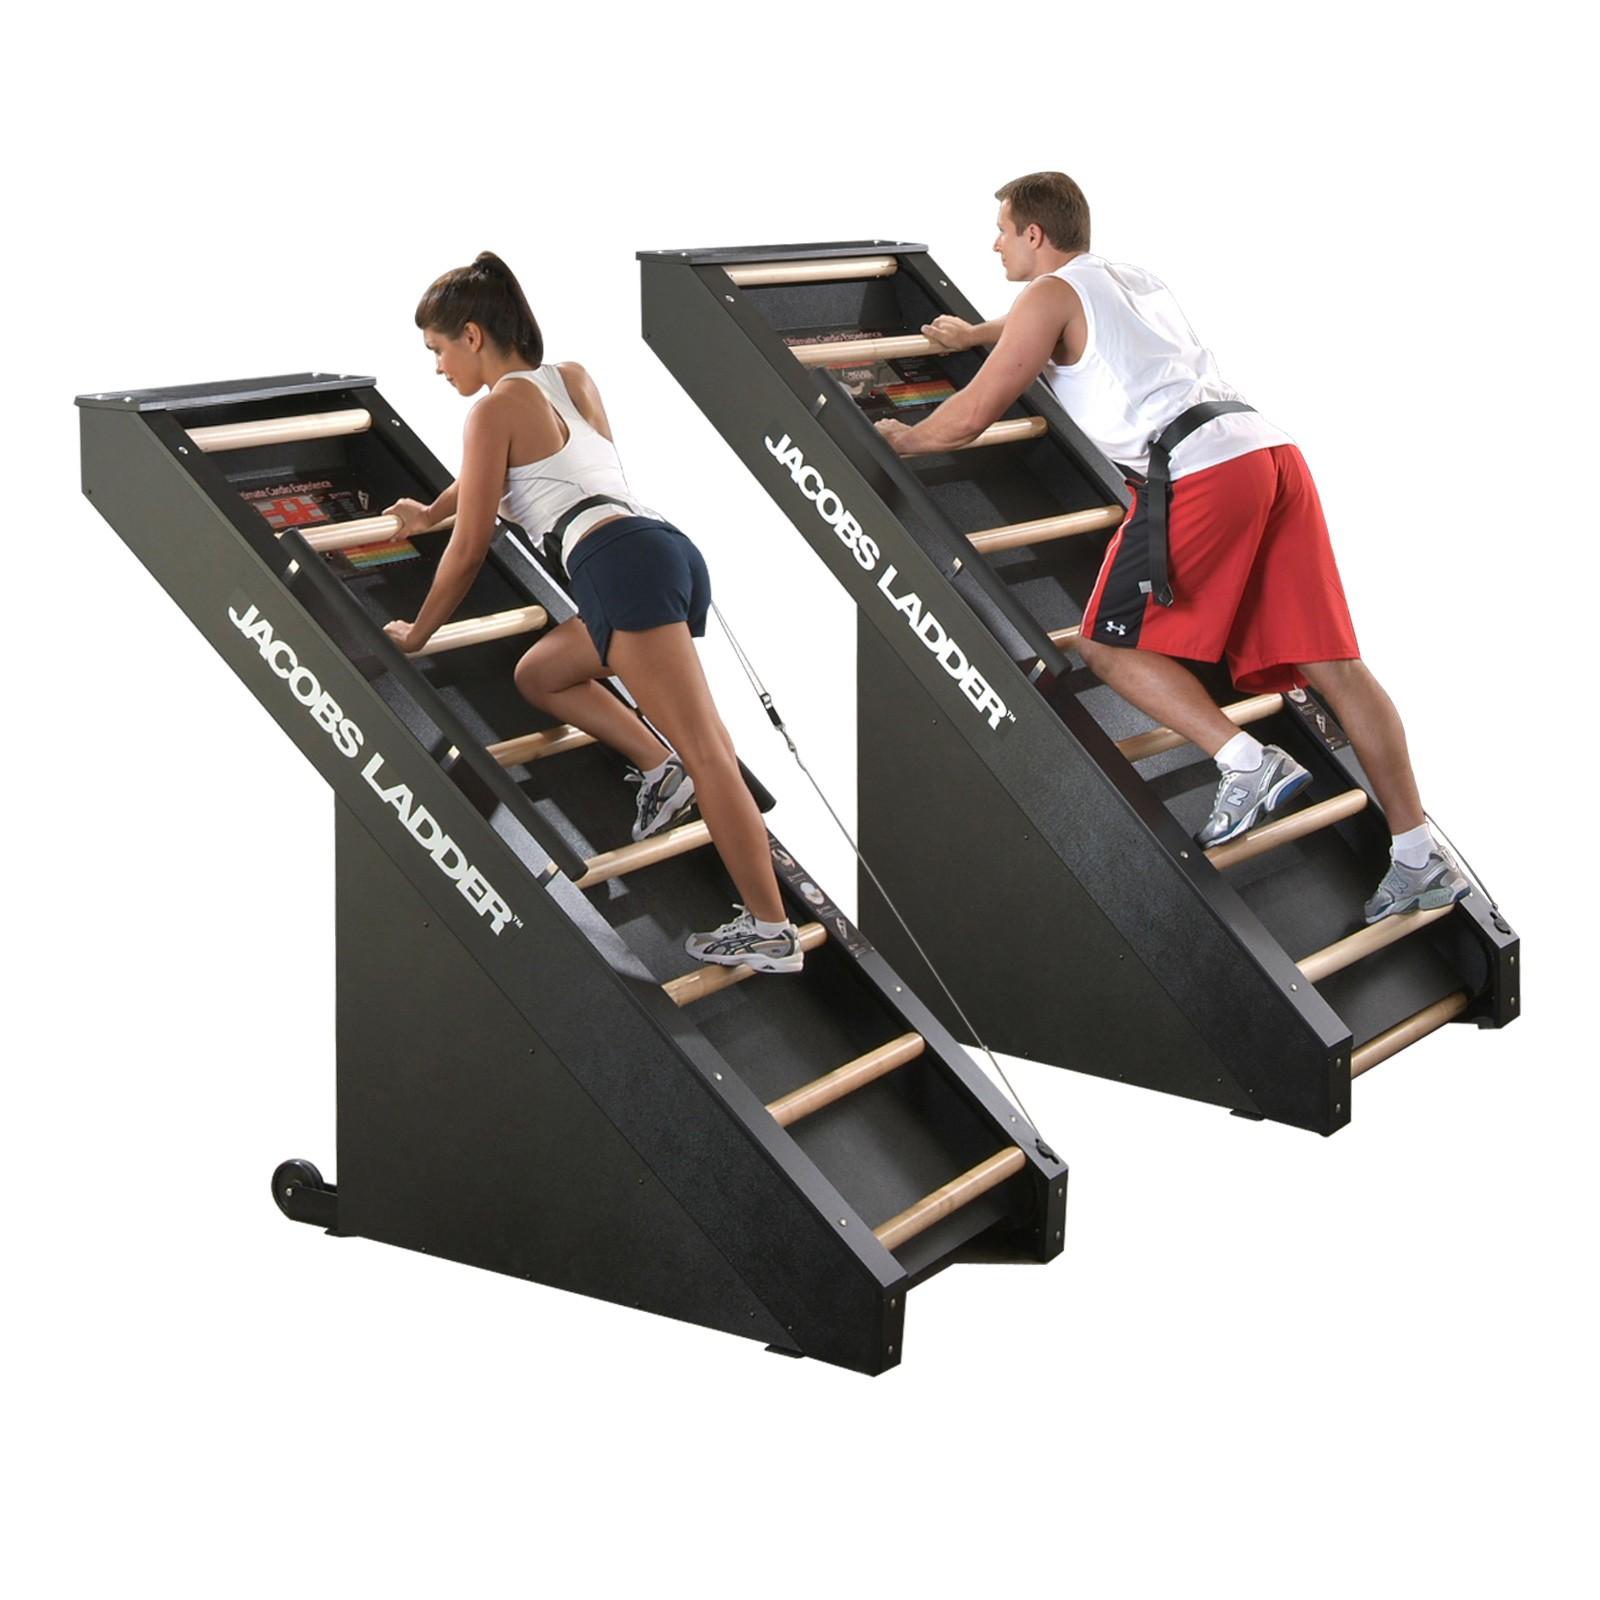 Jacobs Ladder Fitness Equipment Etc